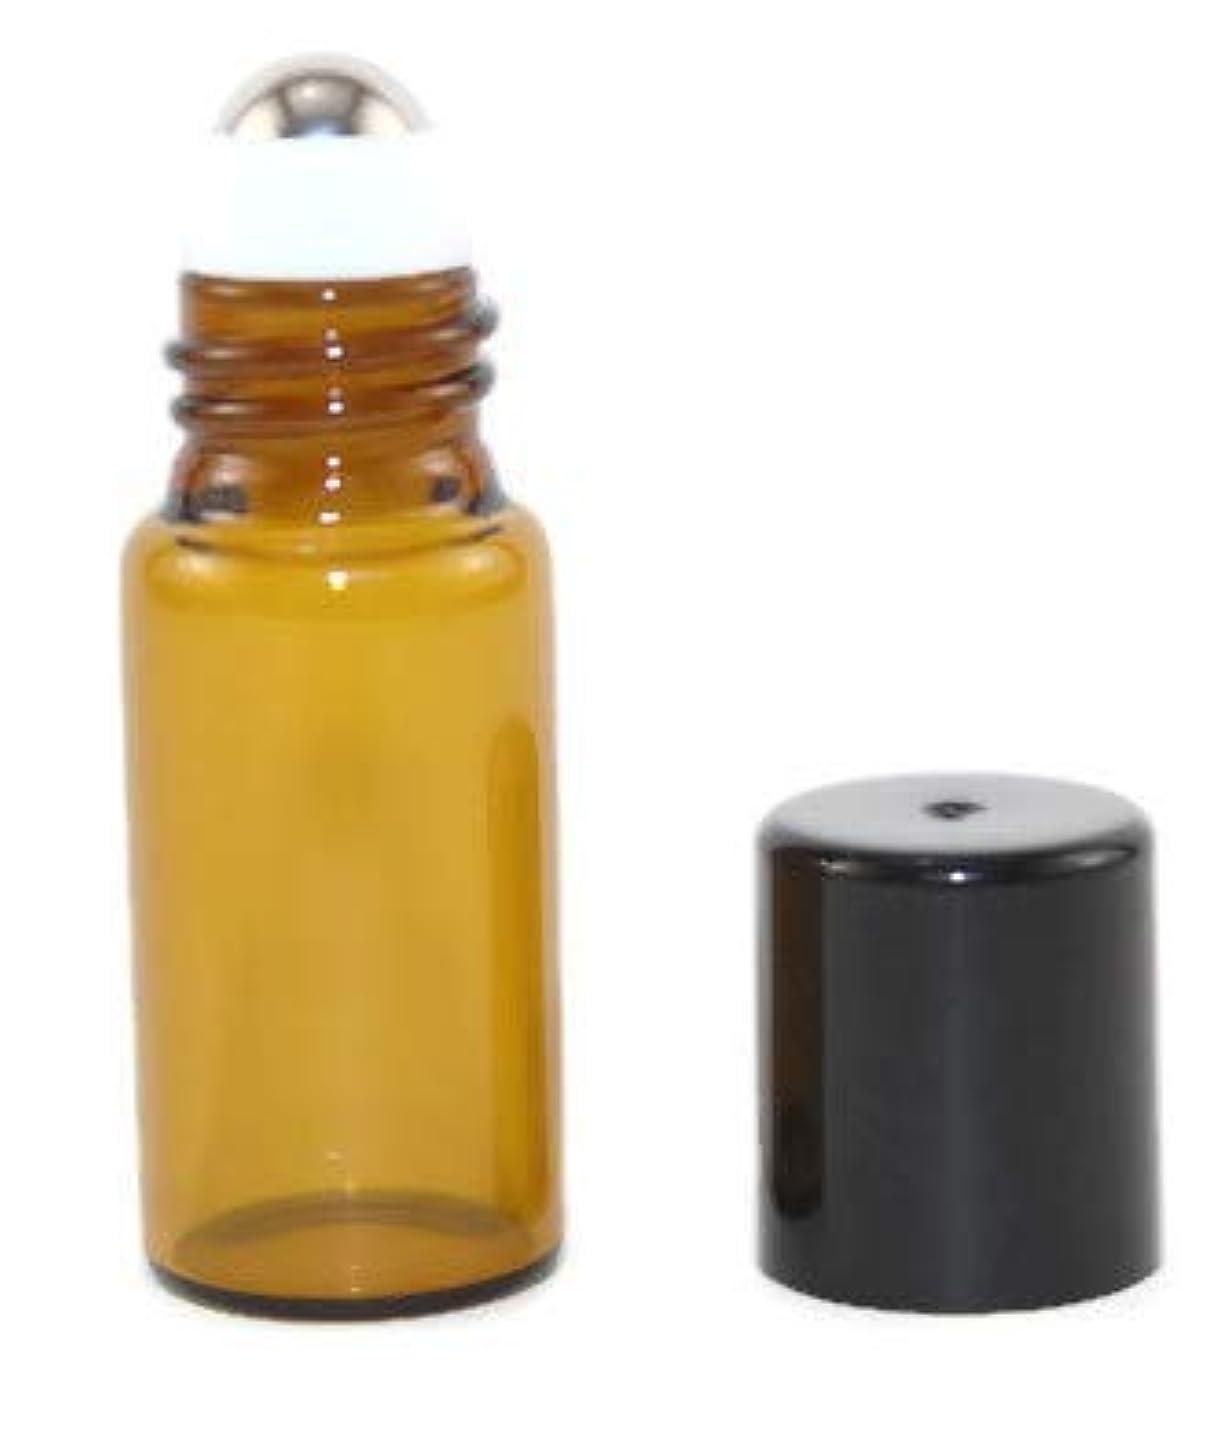 入札吸収アラームUSA 144 Amber Glass 3 ml Mini Roll-On Glass Bottles with Stainless Steel Roller Balls - Refillable Aromatherapy...